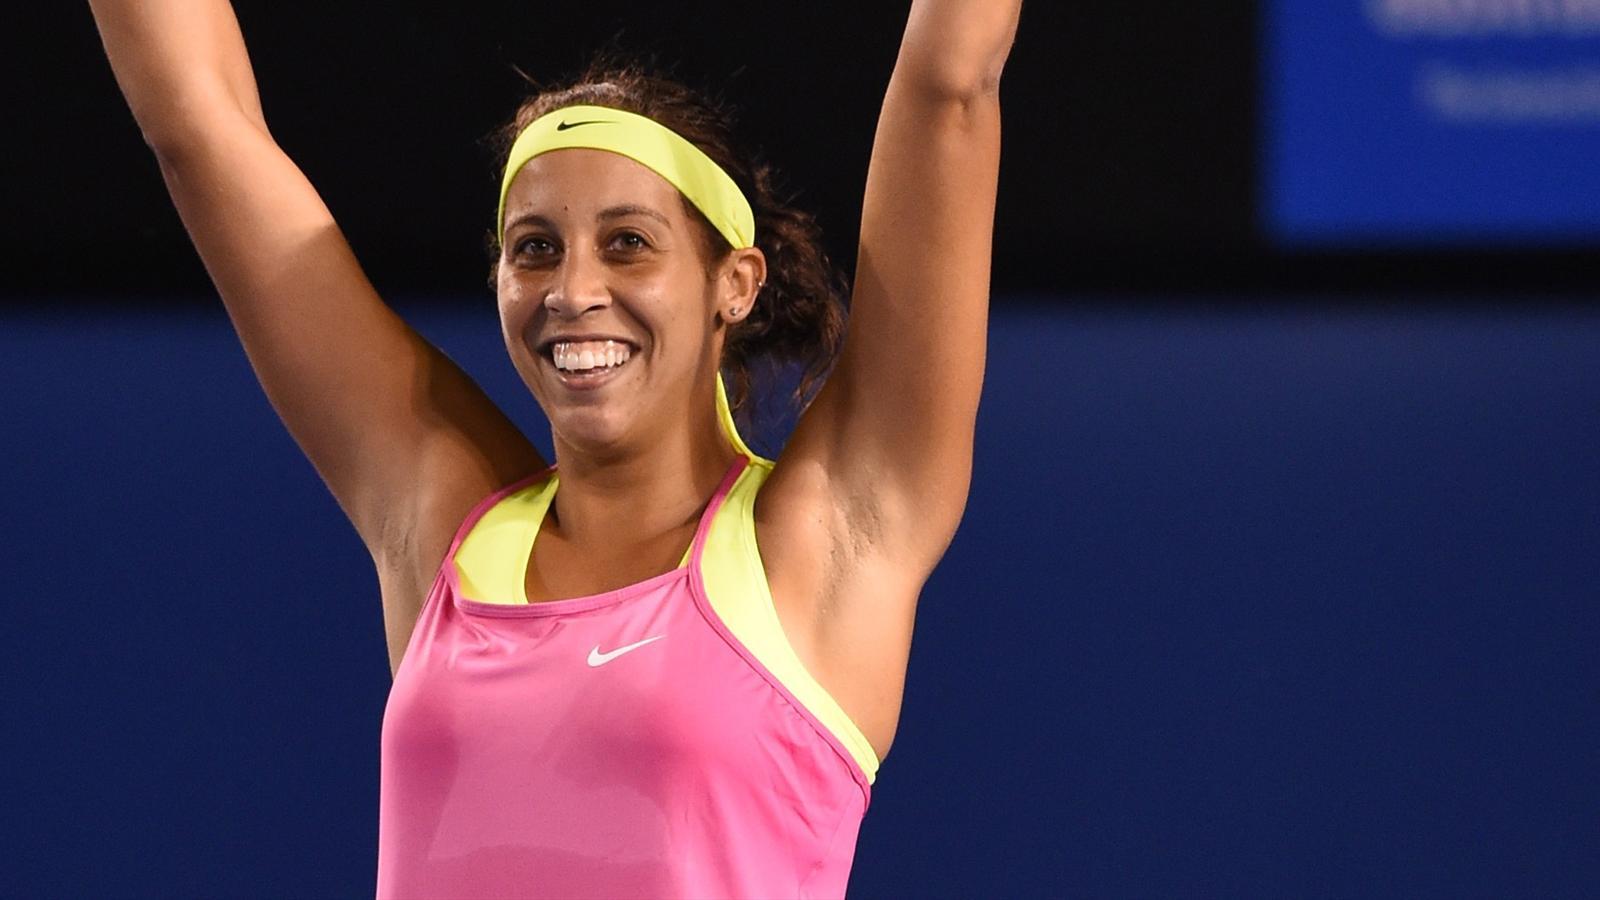 Madison Keys overcomes injury, Venus Williams to make semis